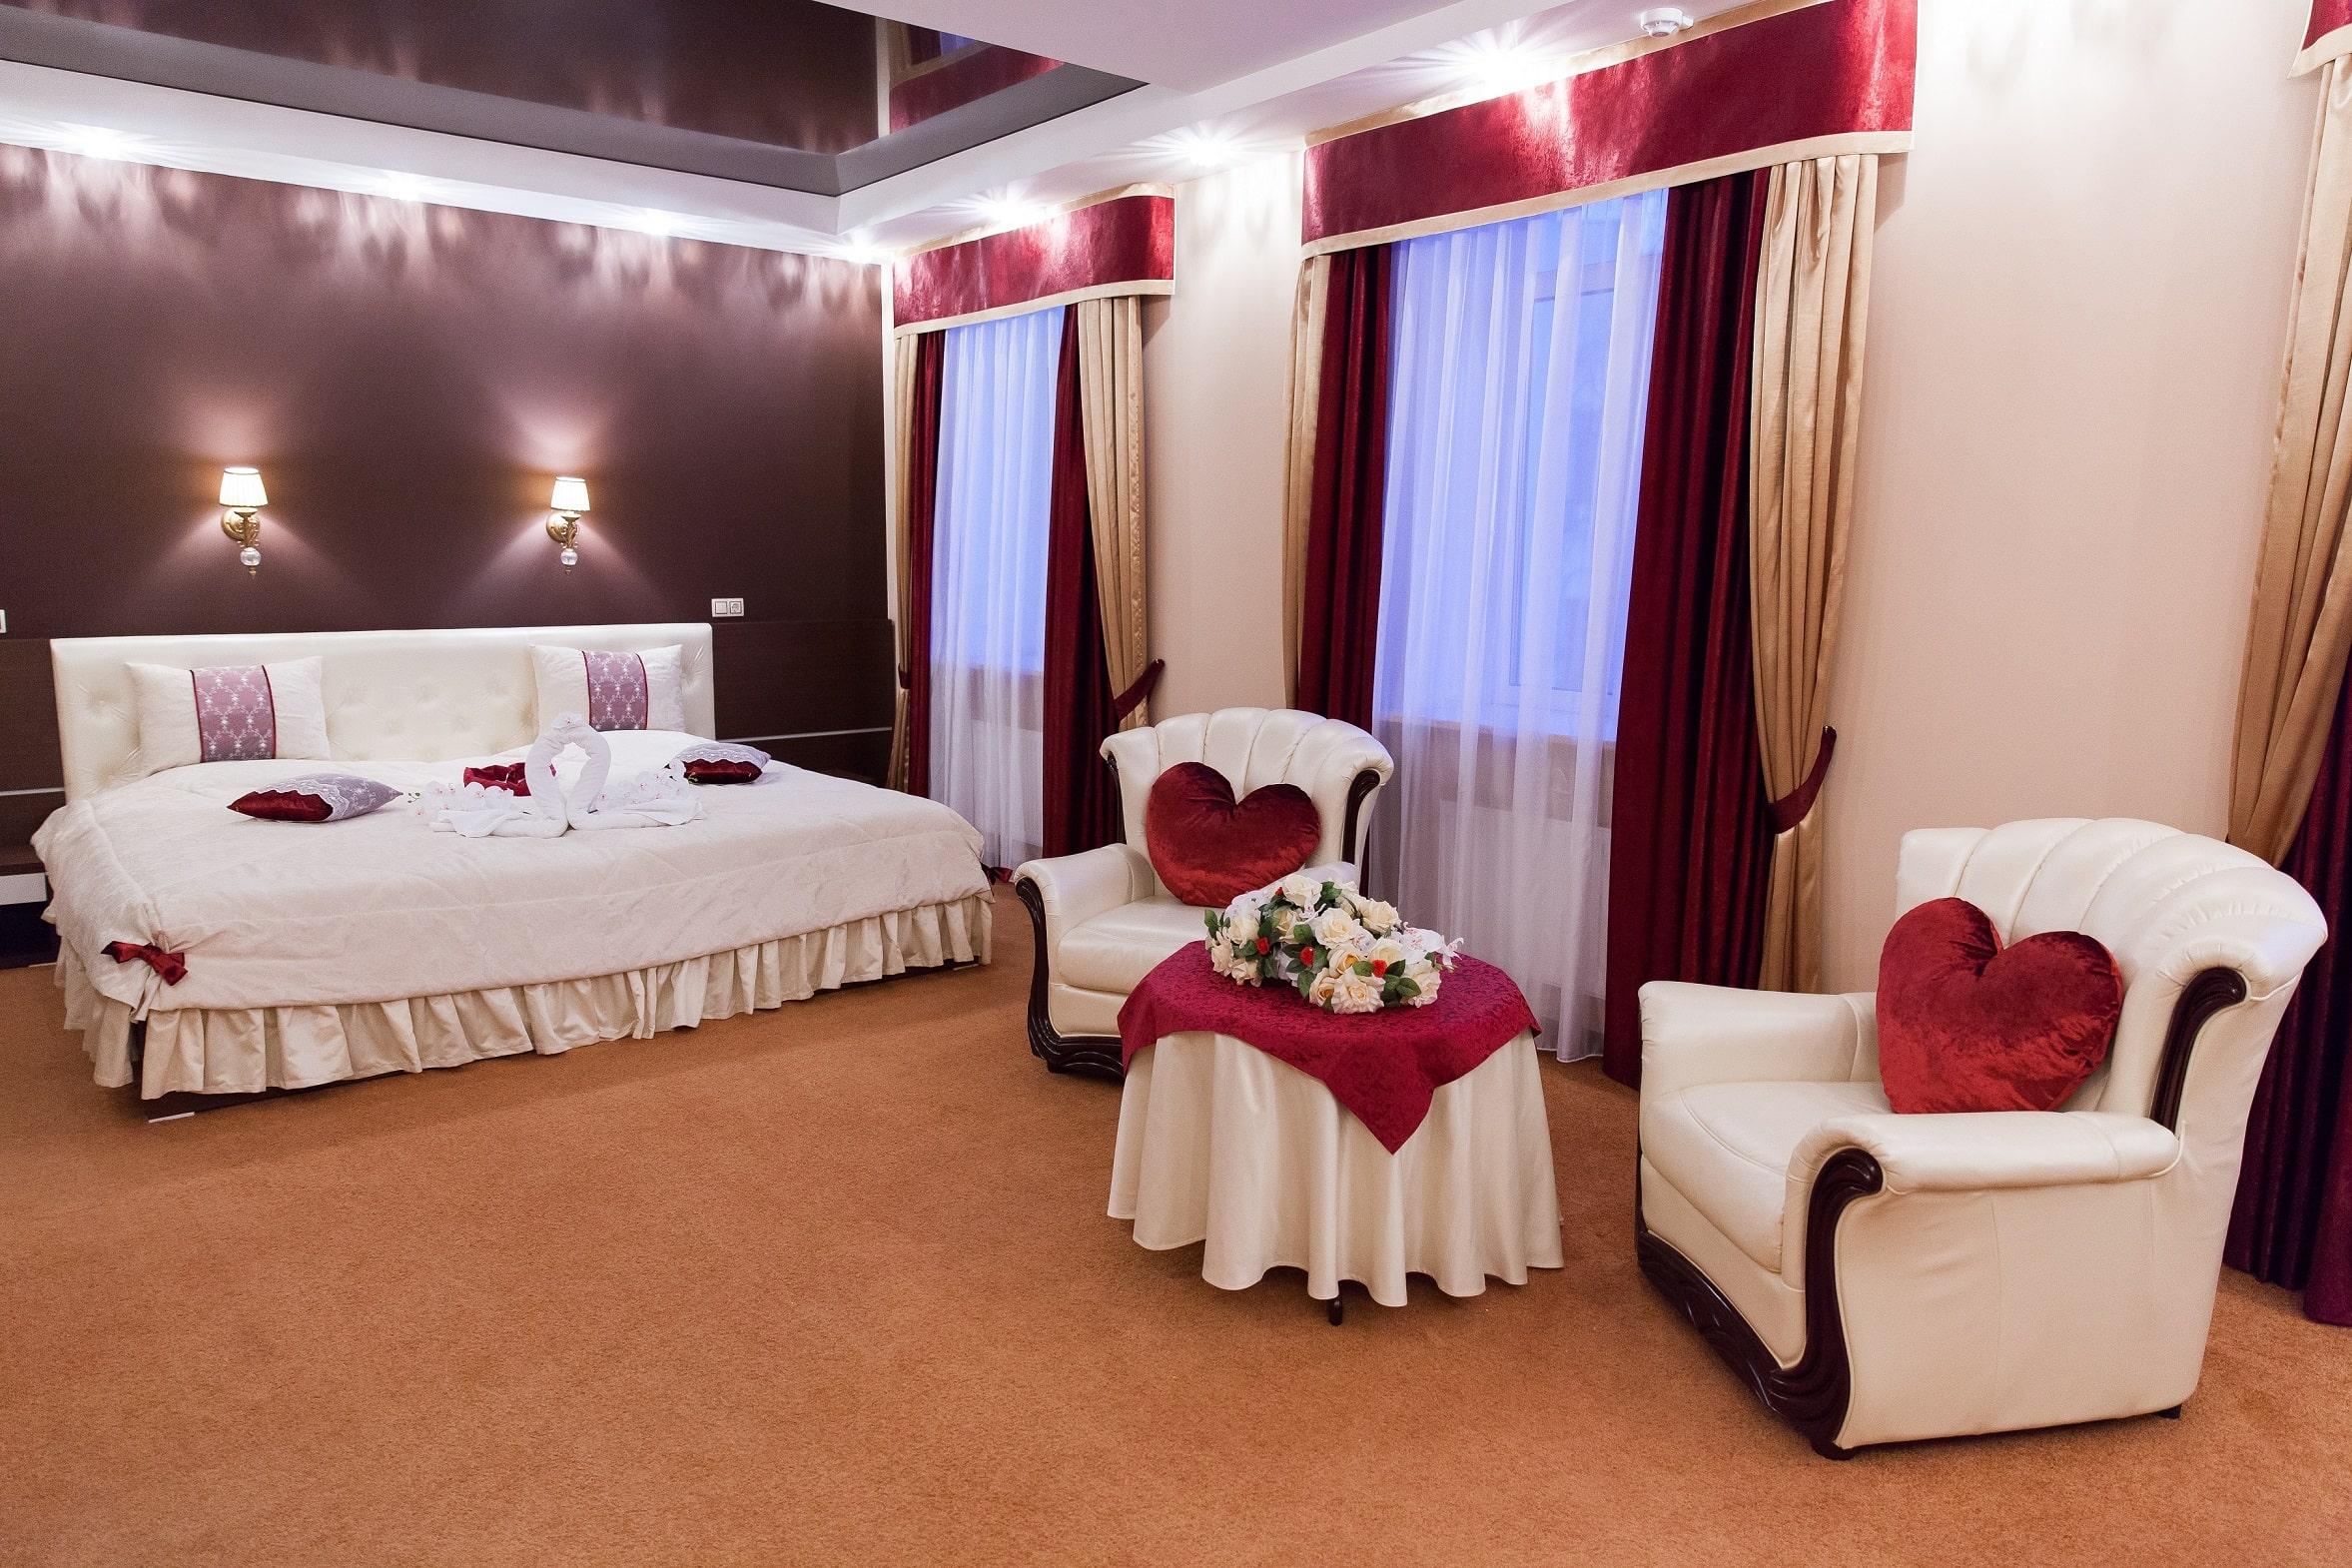 Аппартаменты для новобрачных в Минске